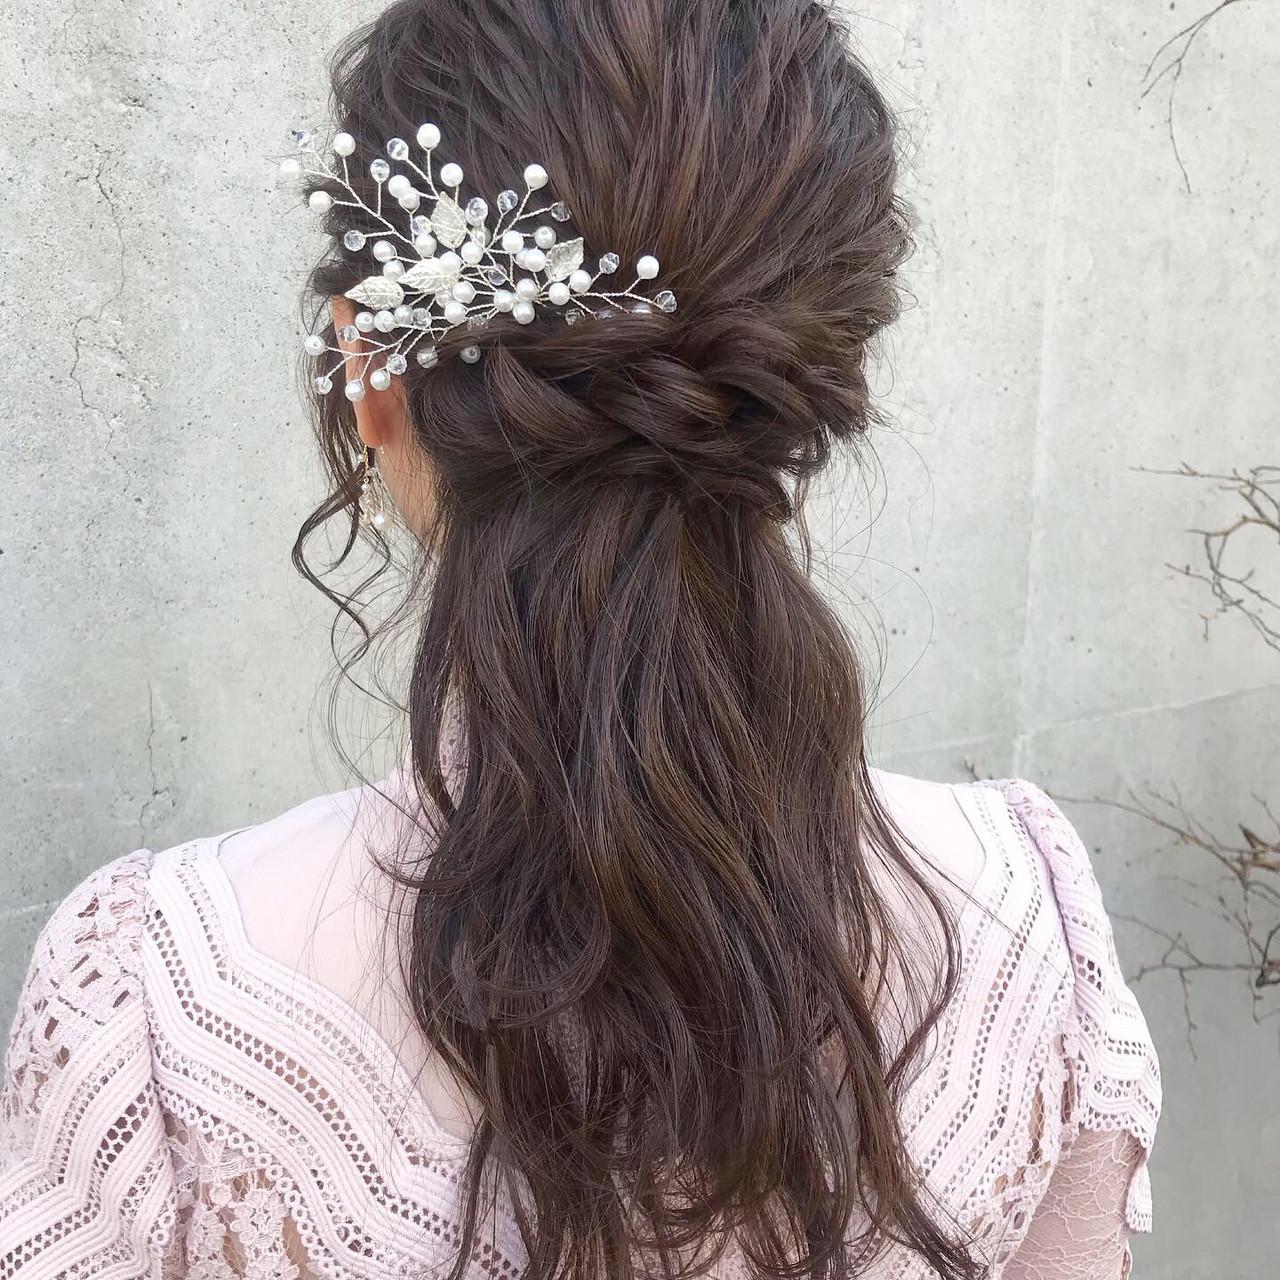 華やかヘッドドレスで飾りたい♡シンプルハーフアップ 伊藤愛子 GARDEN